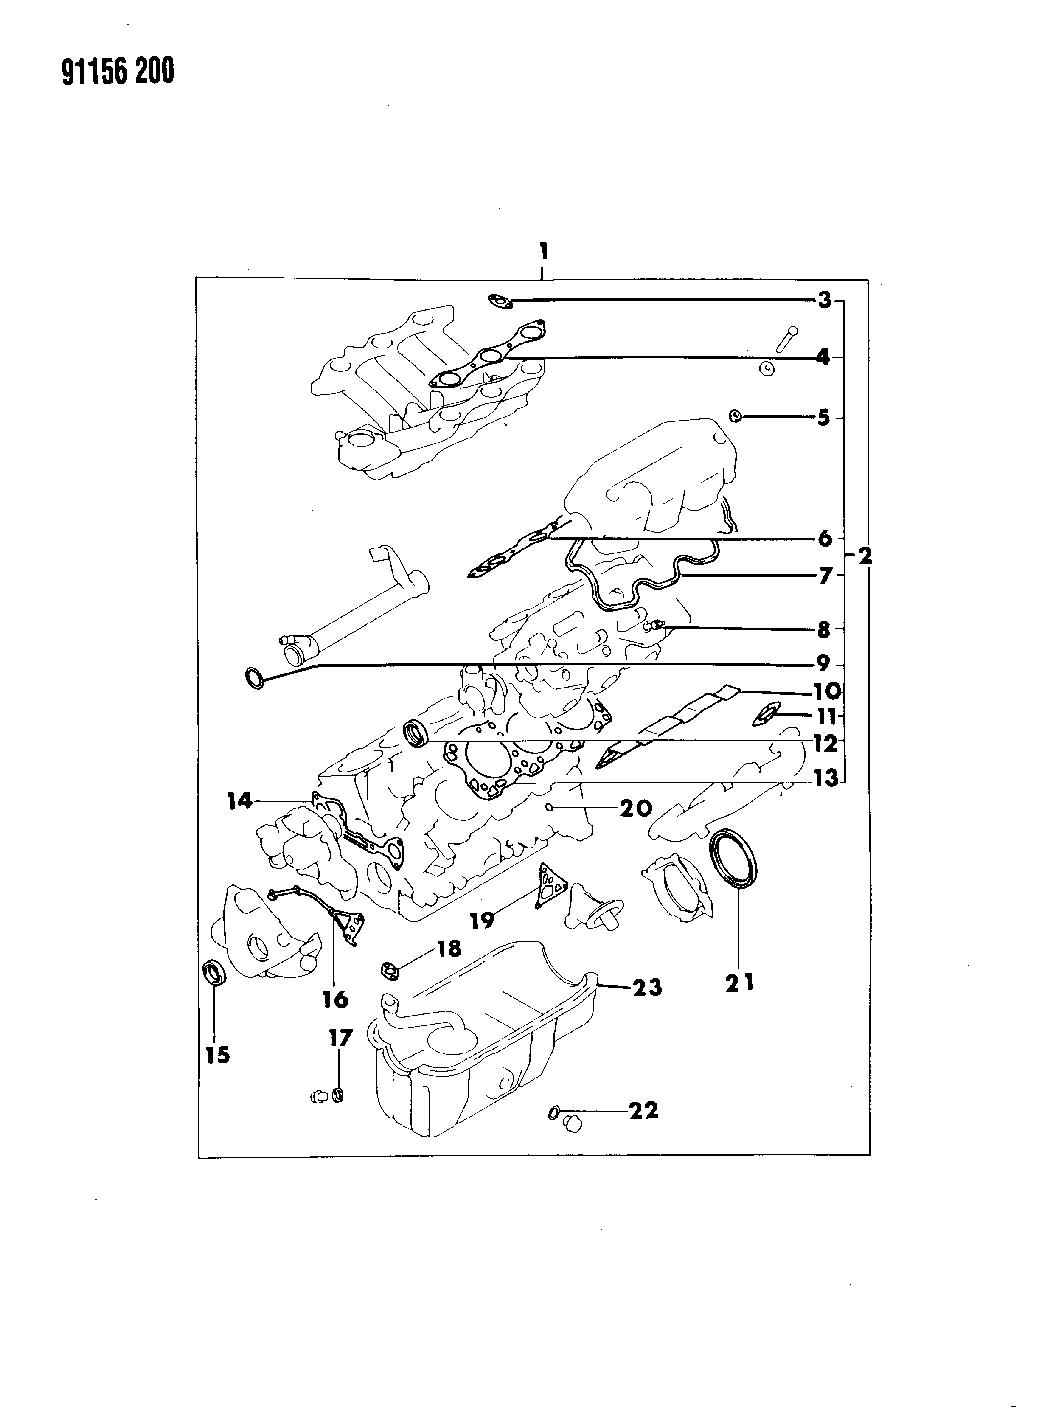 1991 dodge spirit engine diagram